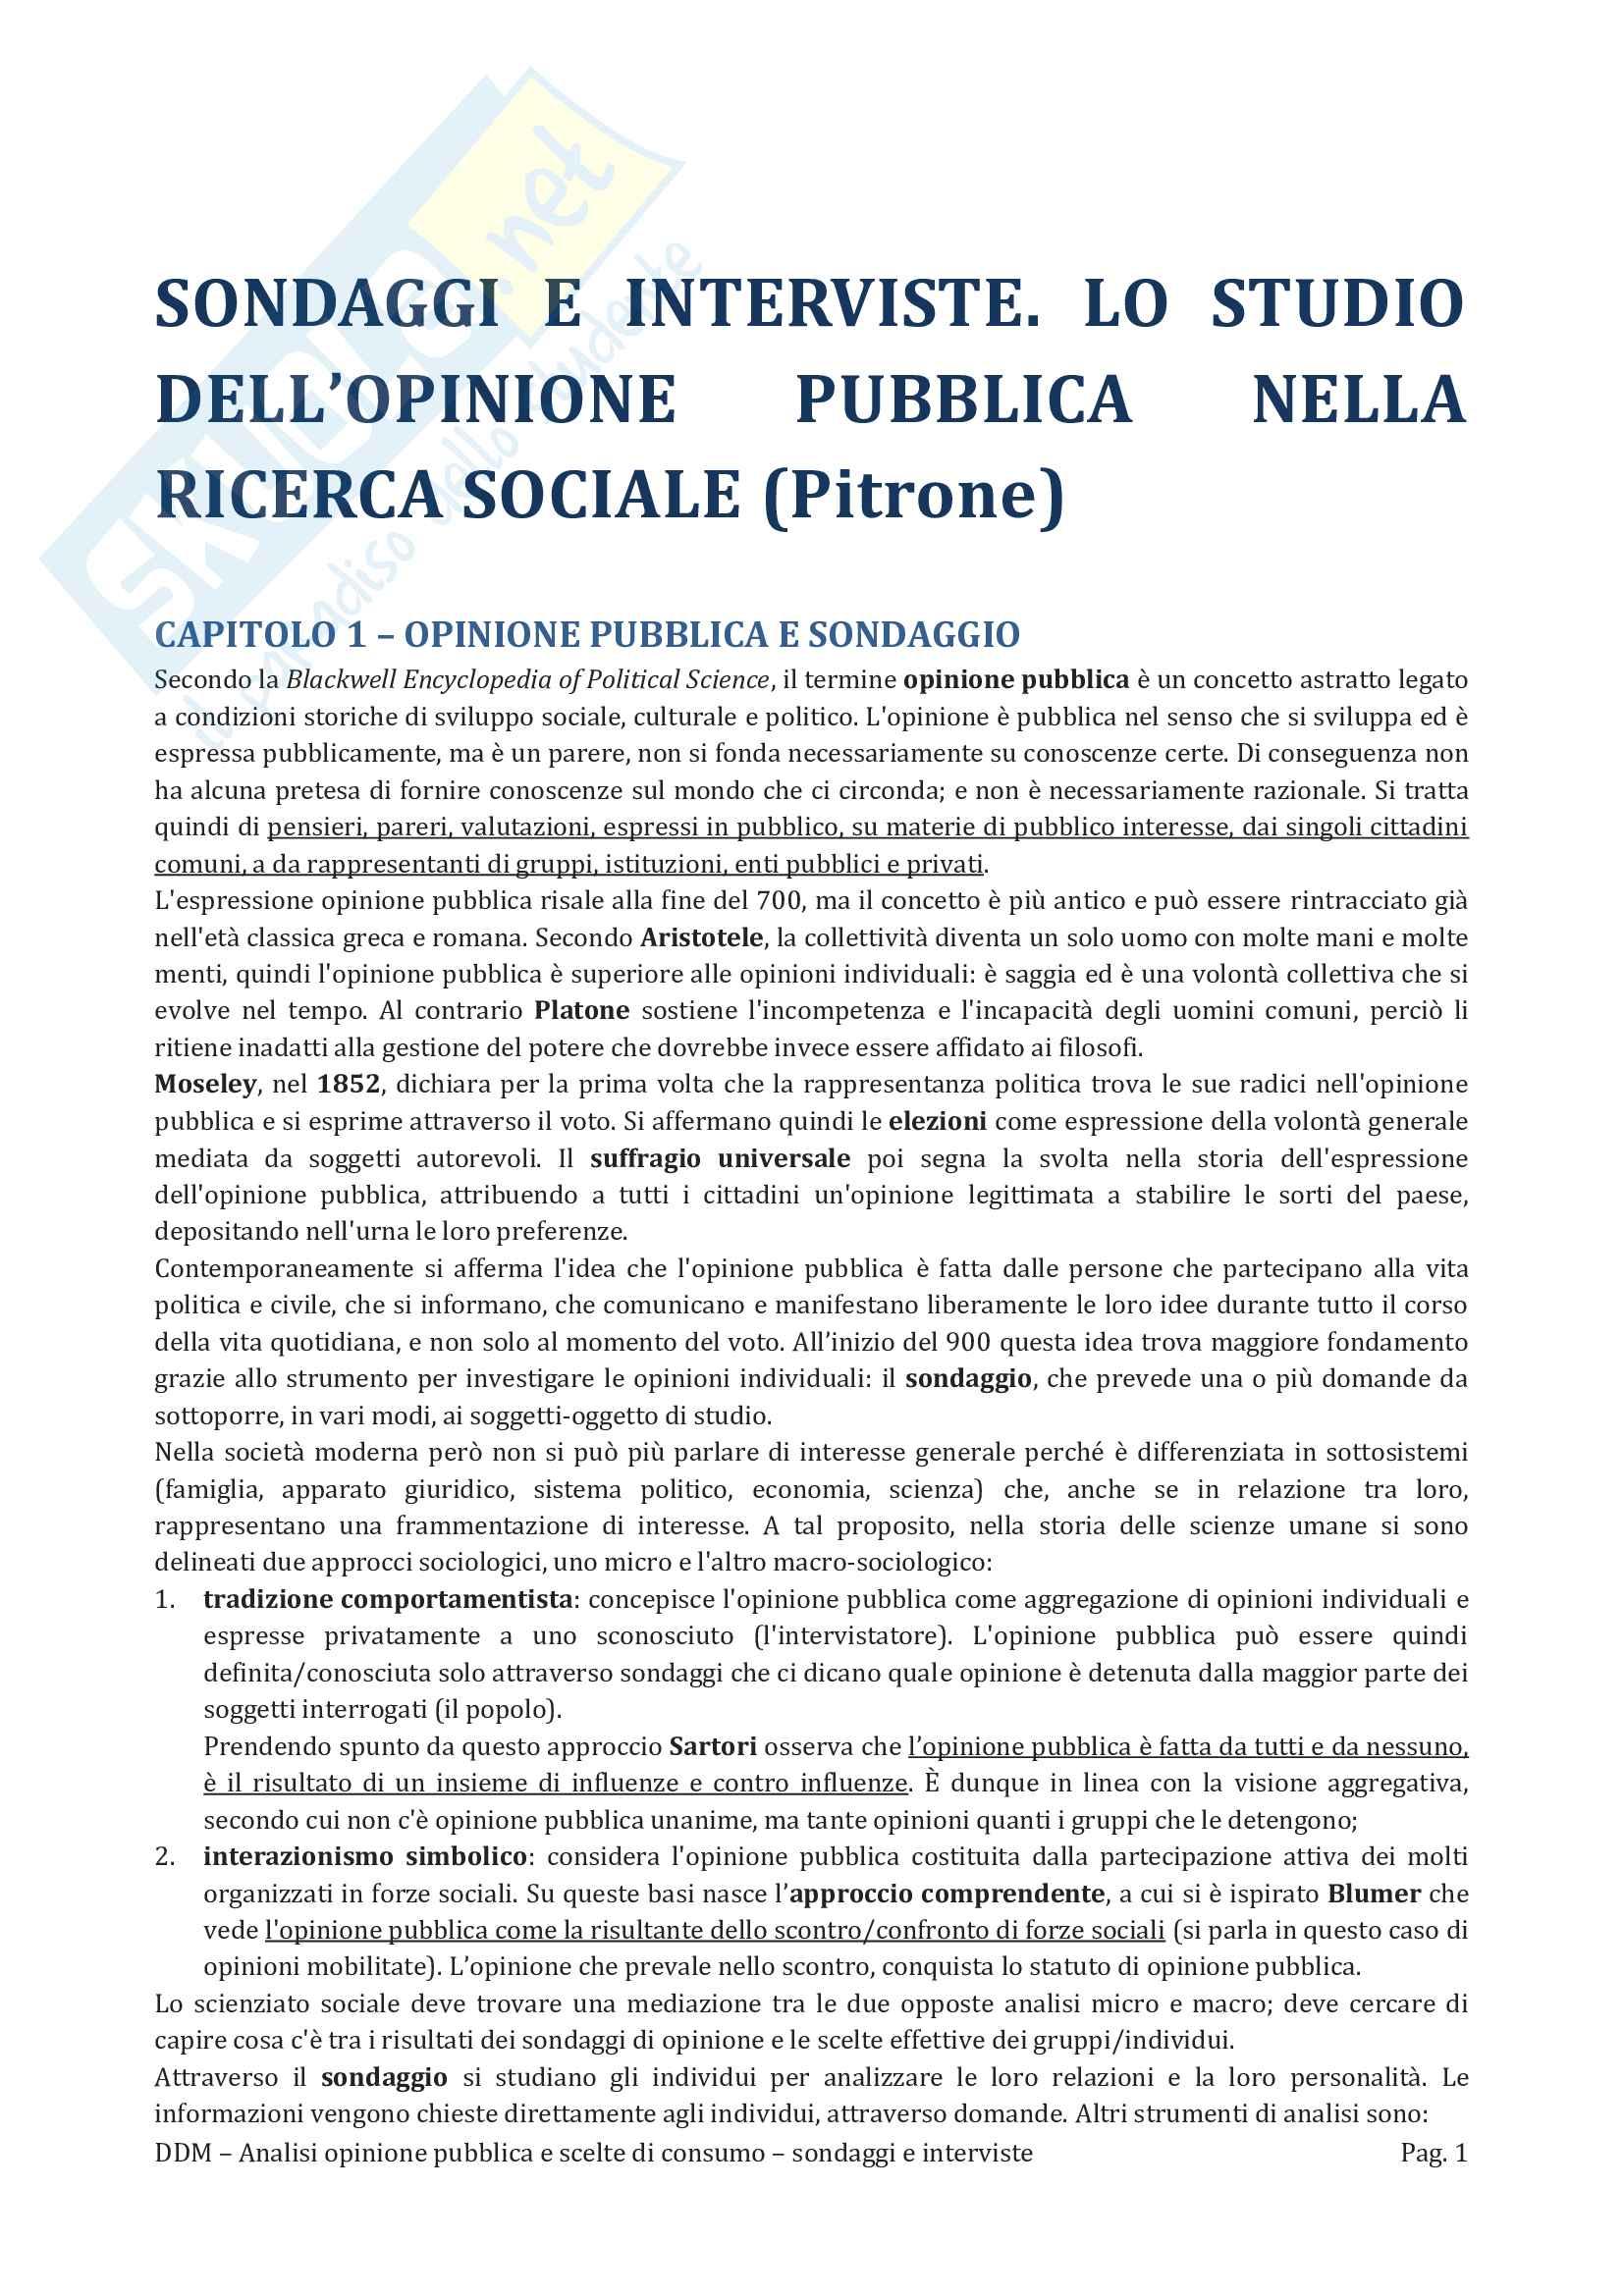 Riassunto Esame Analisi opinione pubblica e scelte di consumo, Prof Martire, libro consigliato Sondaggi e interviste, Pitrone